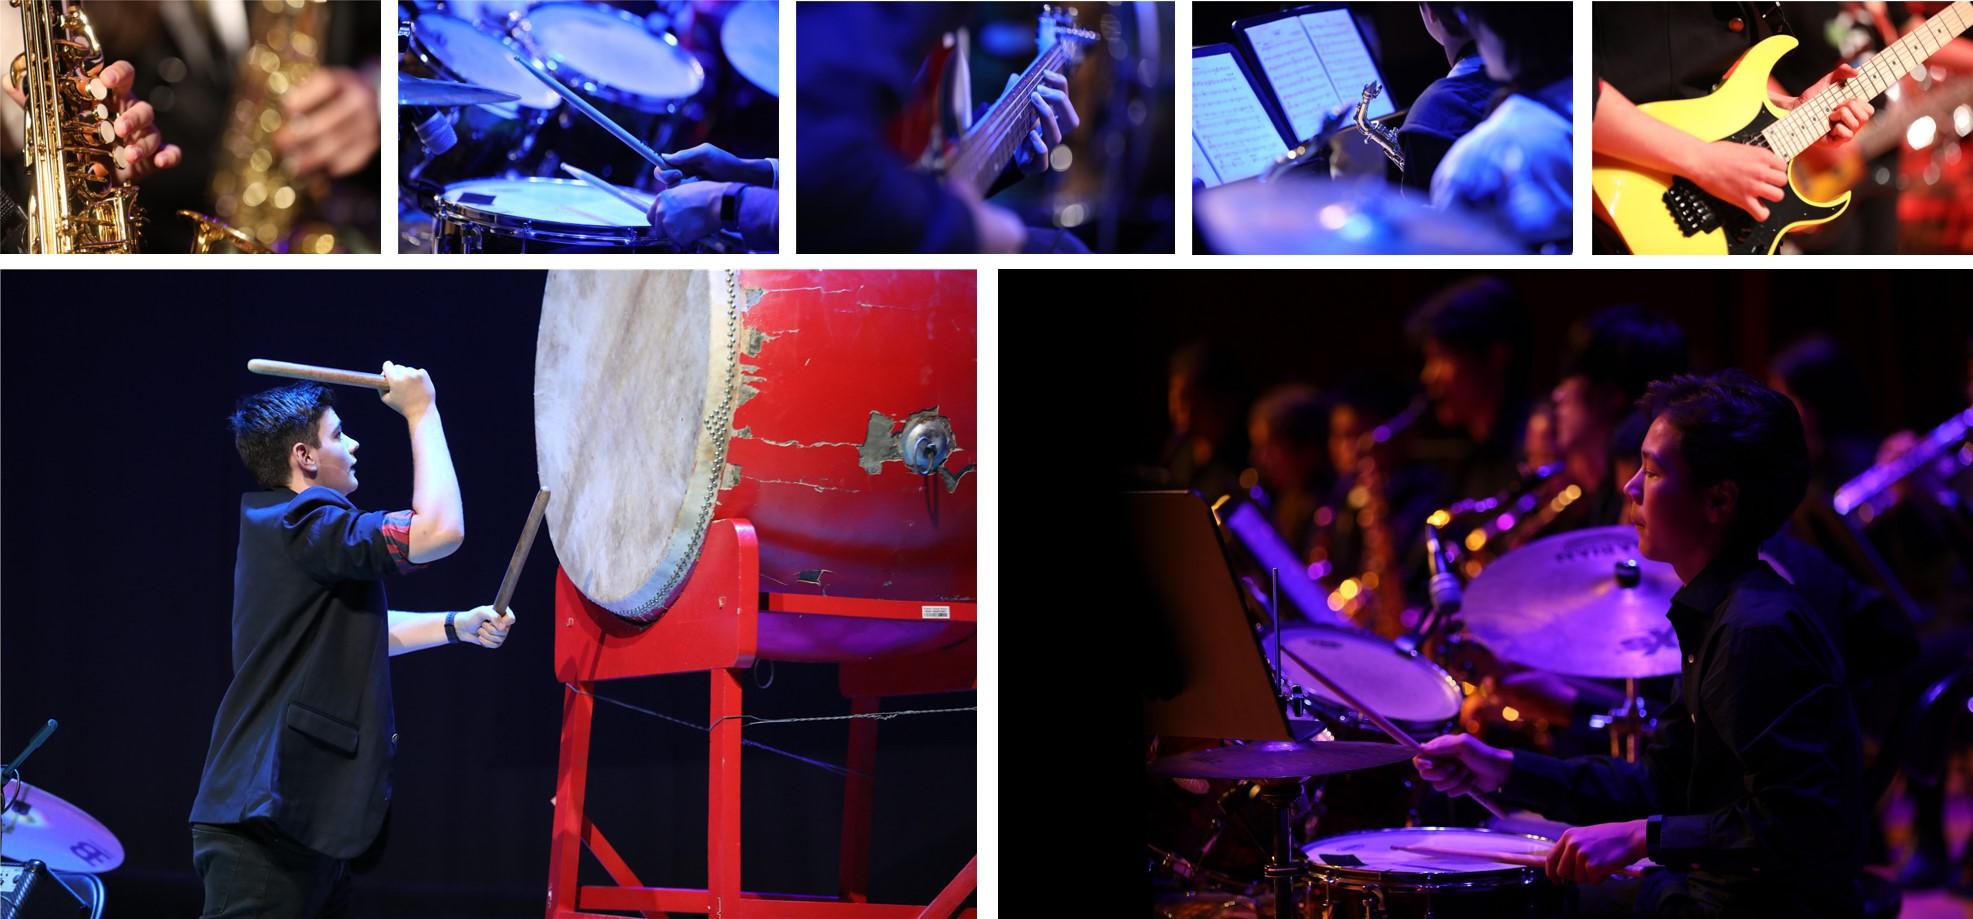 德威音乐节 - 演出与乐器